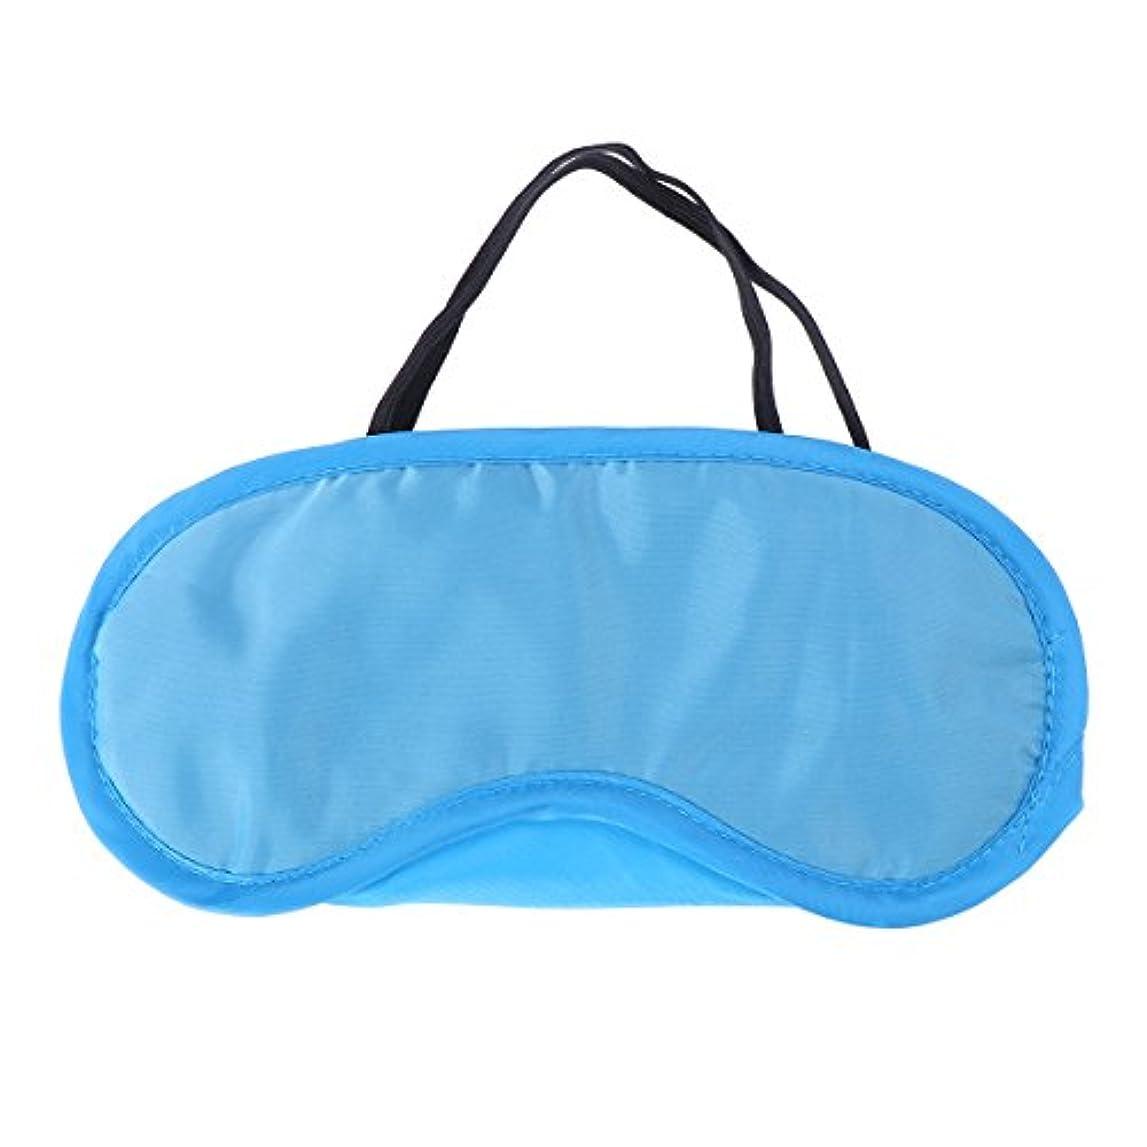 救急車汚いそれぞれHEALIFTY 軽量で快適な睡眠のための調整可能なアイマスク(旅行用スカイブルー)